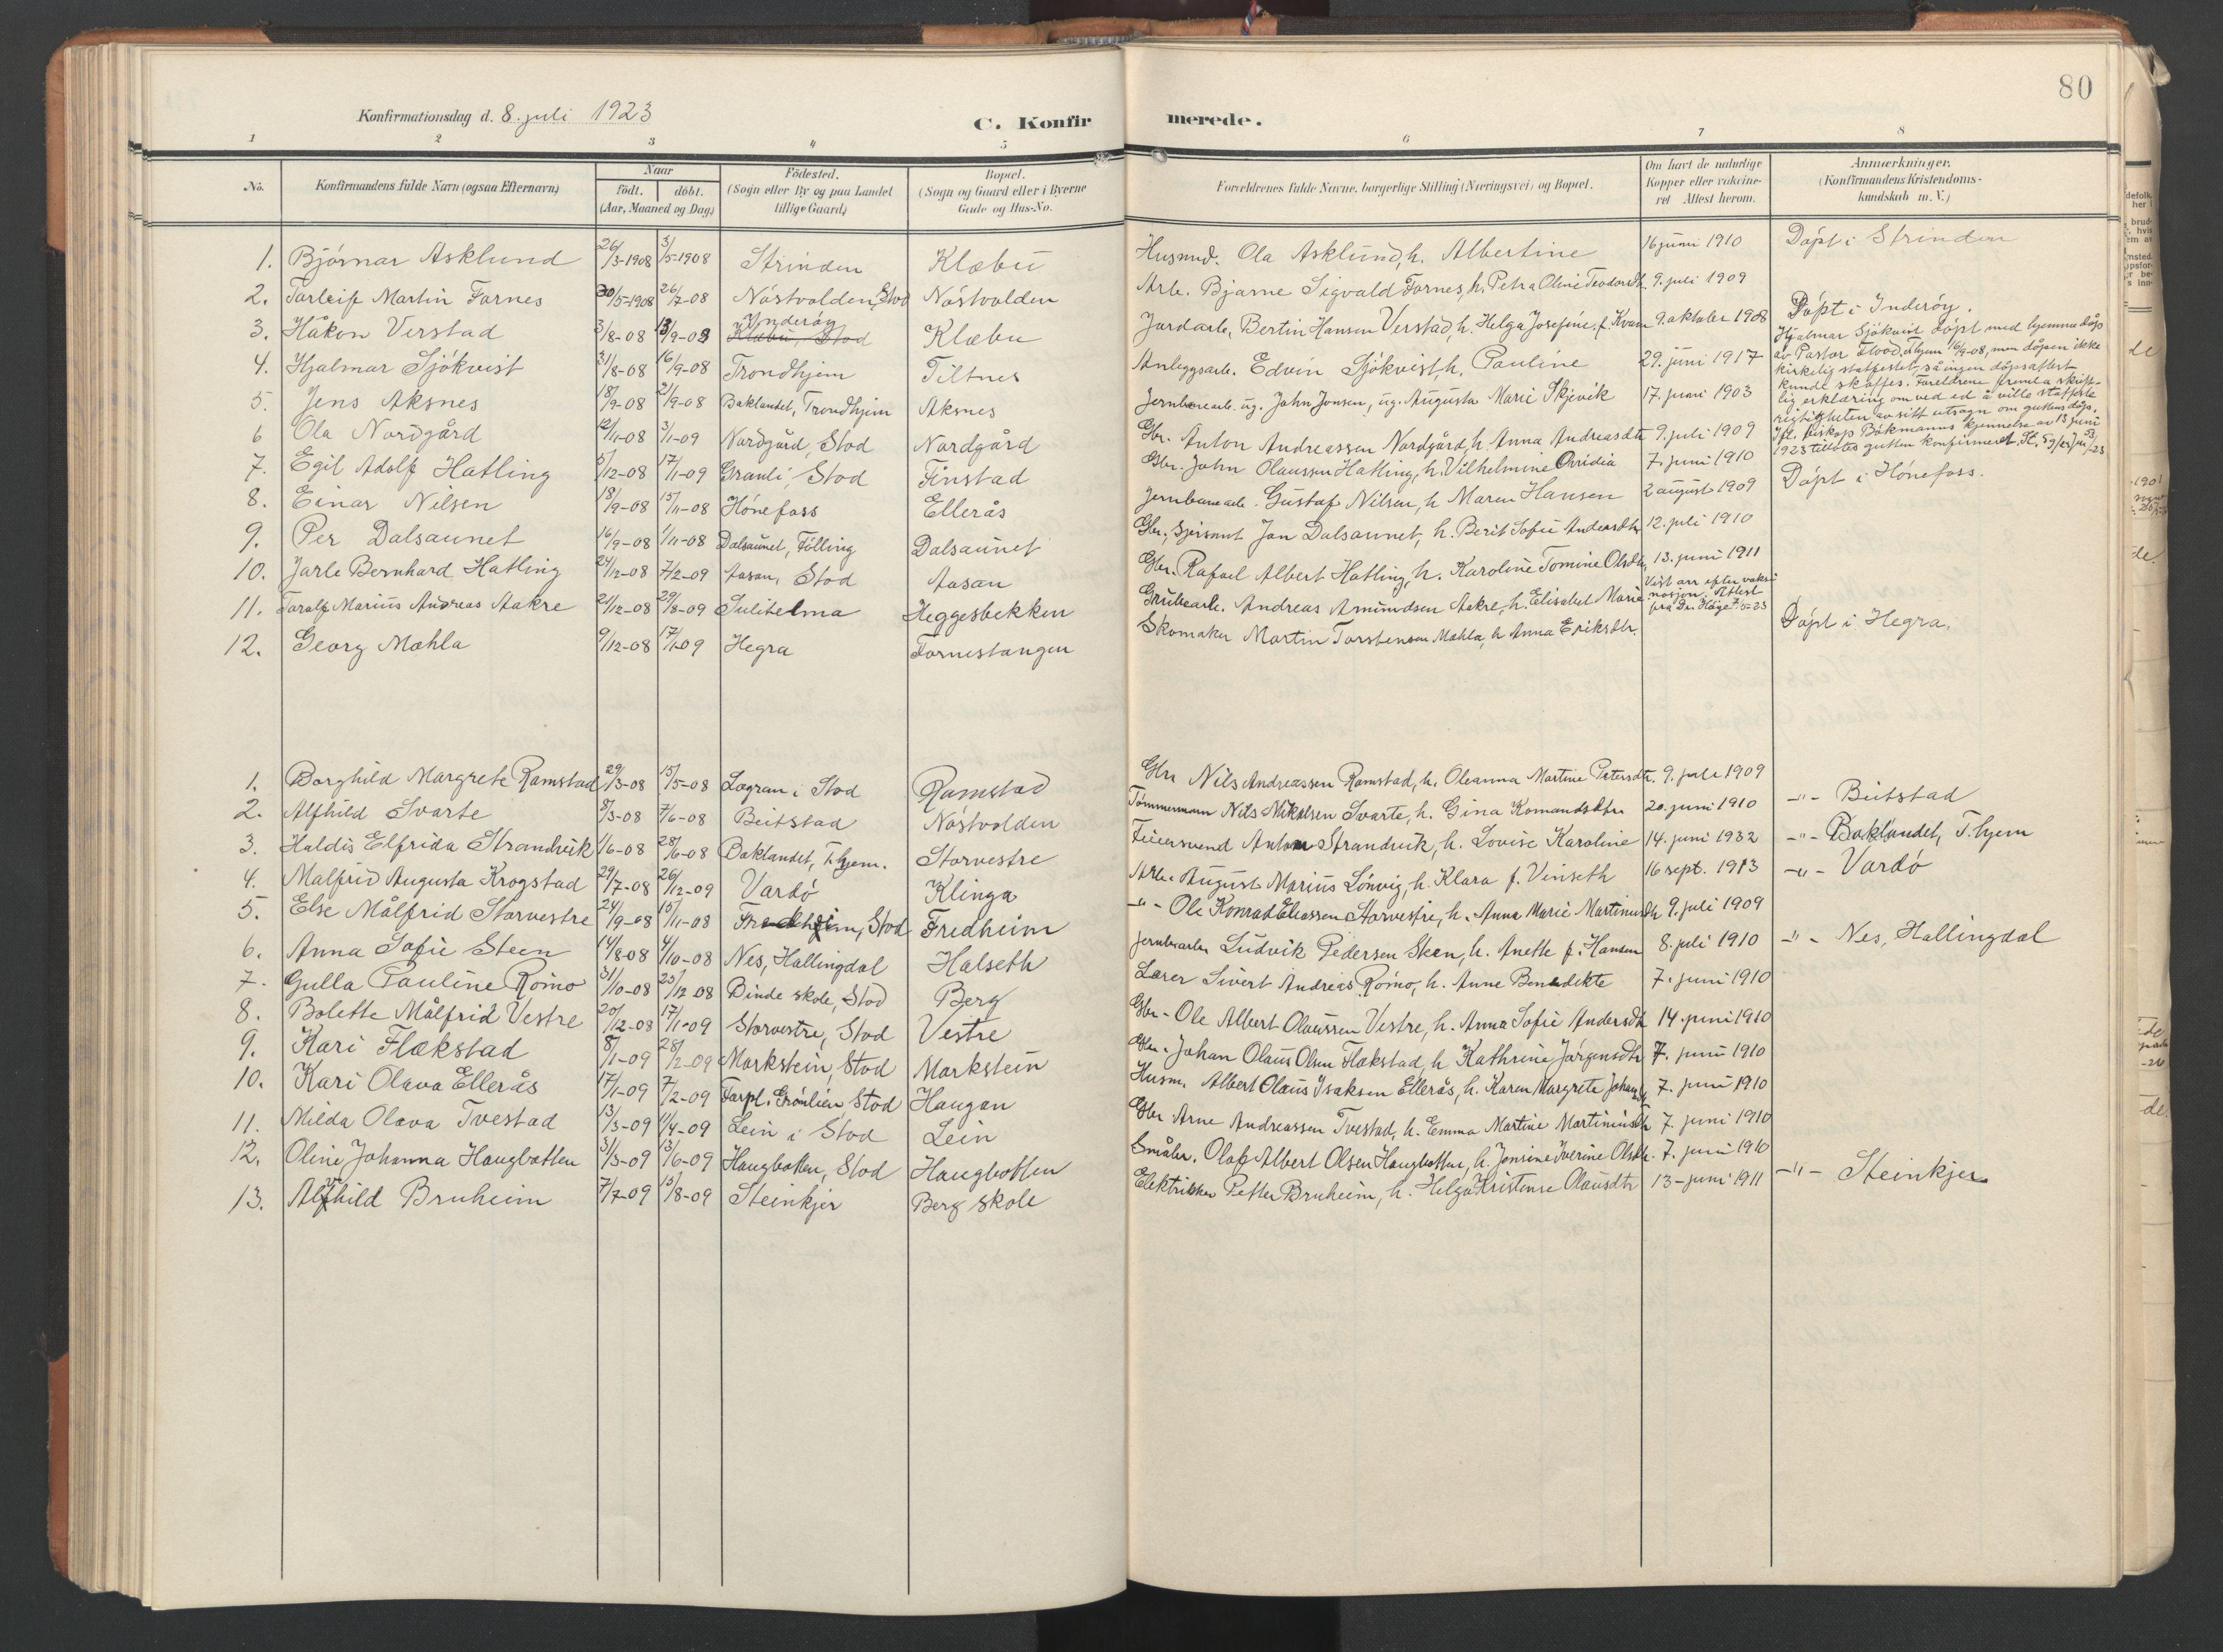 SAT, Ministerialprotokoller, klokkerbøker og fødselsregistre - Nord-Trøndelag, 746/L0455: Klokkerbok nr. 746C01, 1908-1933, s. 80